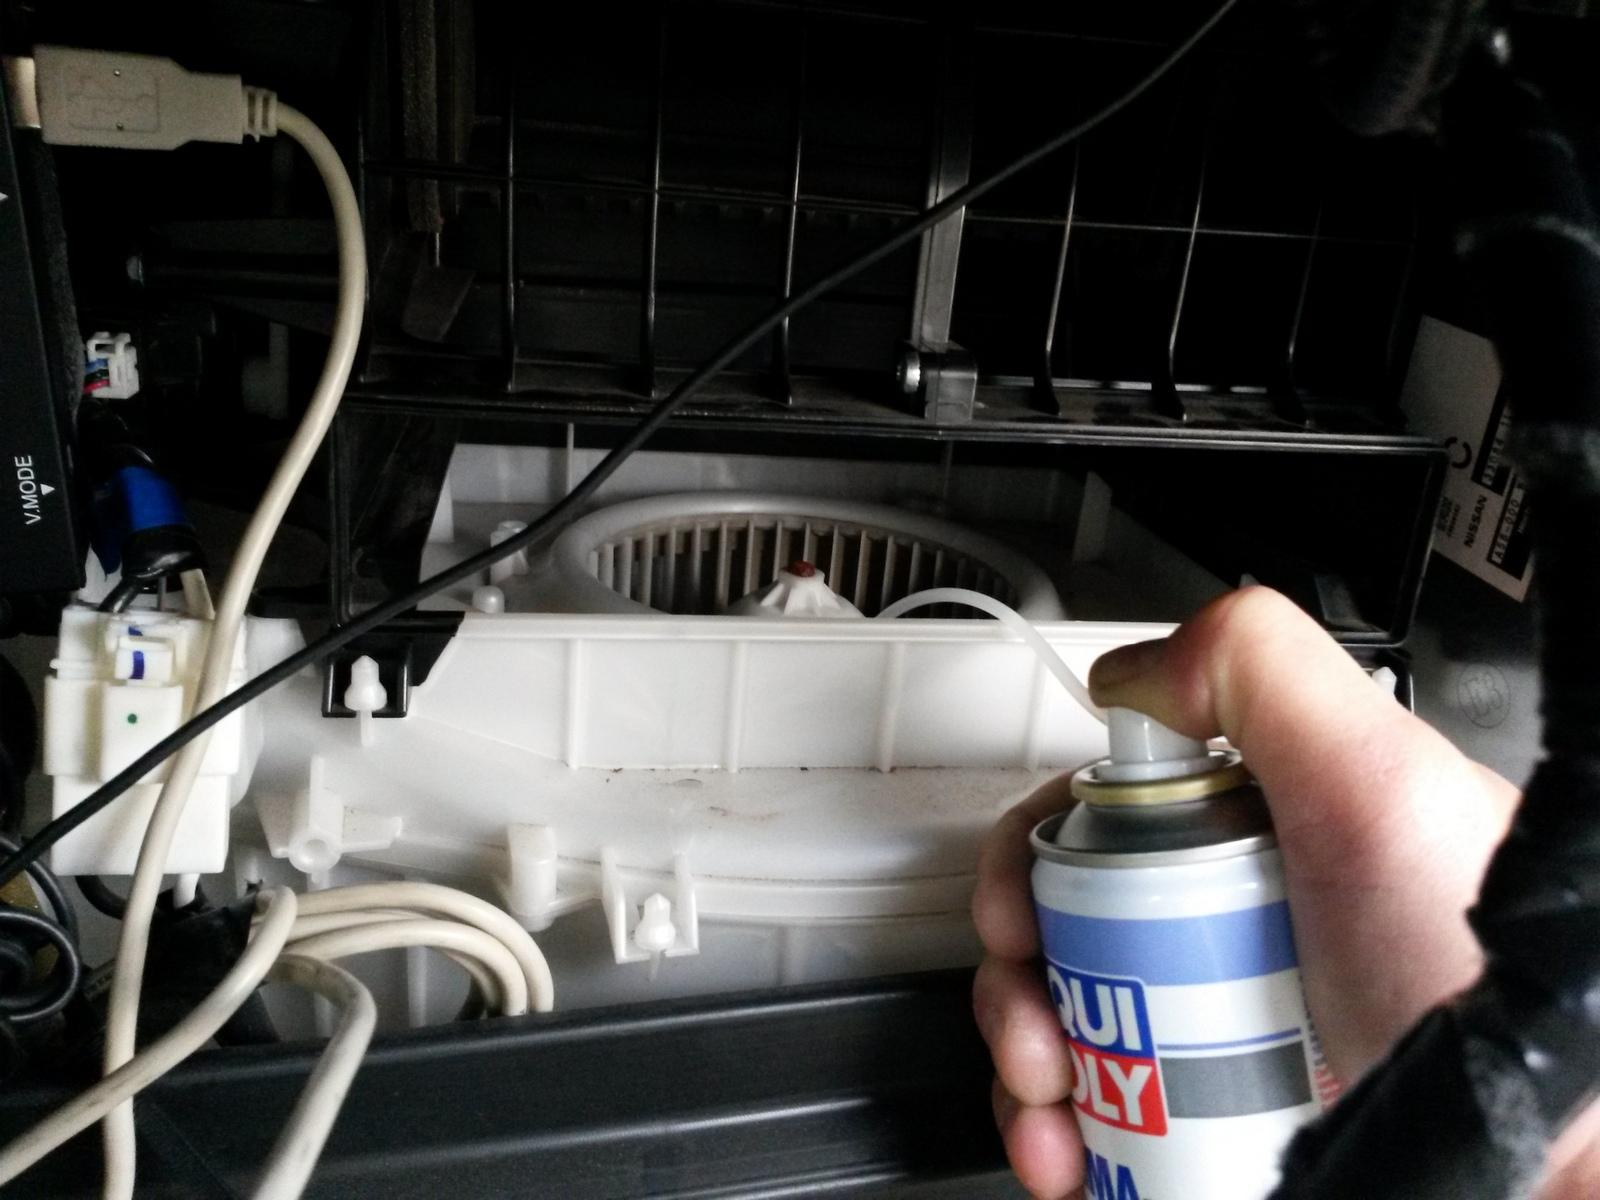 Промывка системы кондиционера авто своими руками